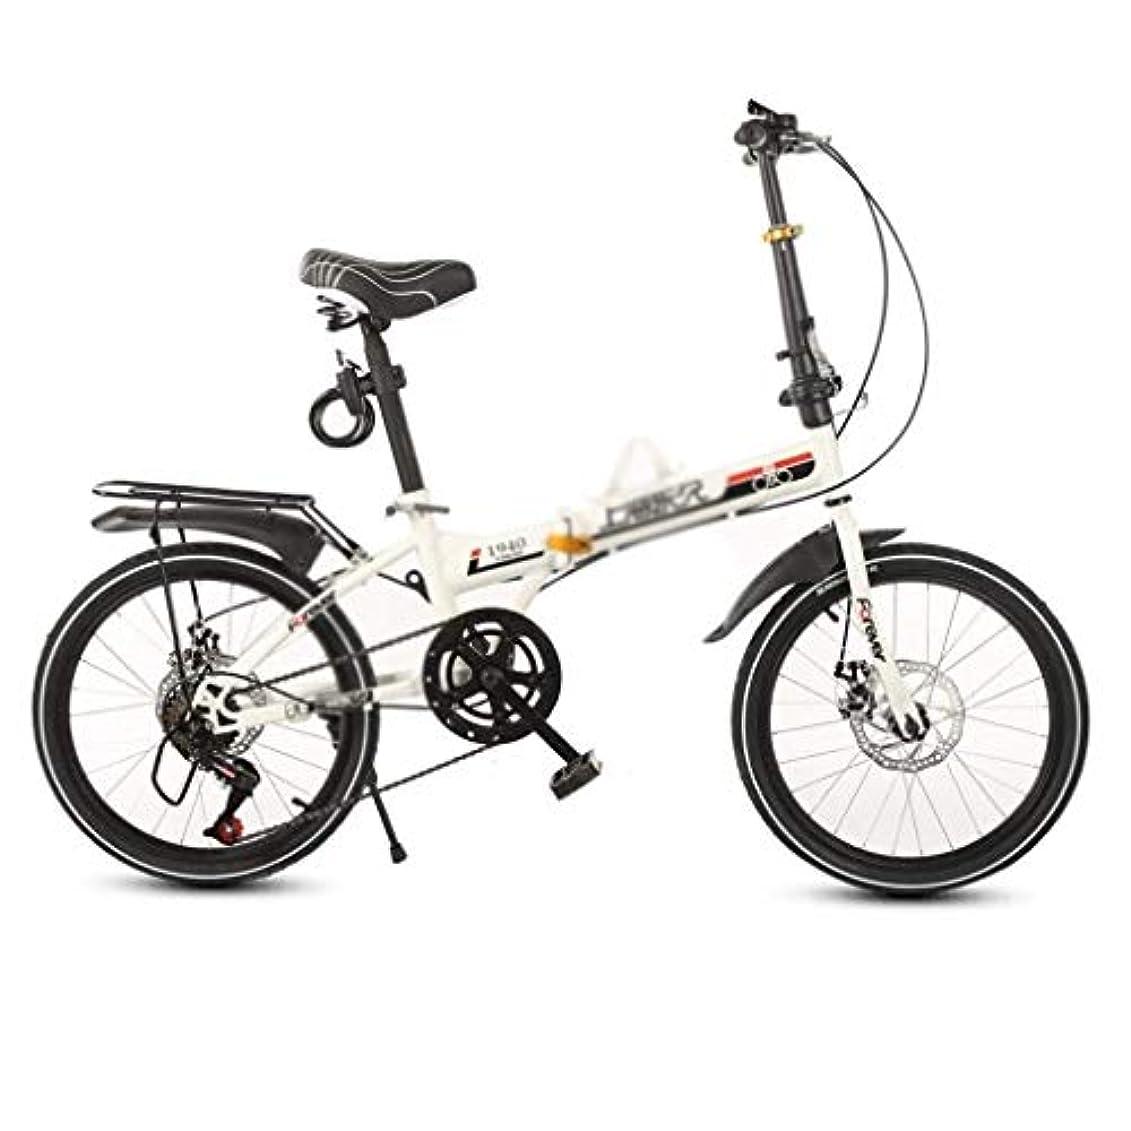 ブランク受付興味自転車大人折りたたみ自転車アーバンレジャー自転車炭素鋼20インチ男の子女の子超軽量スピード u200b u200b自転車(色:白、サイズ:20インチ)